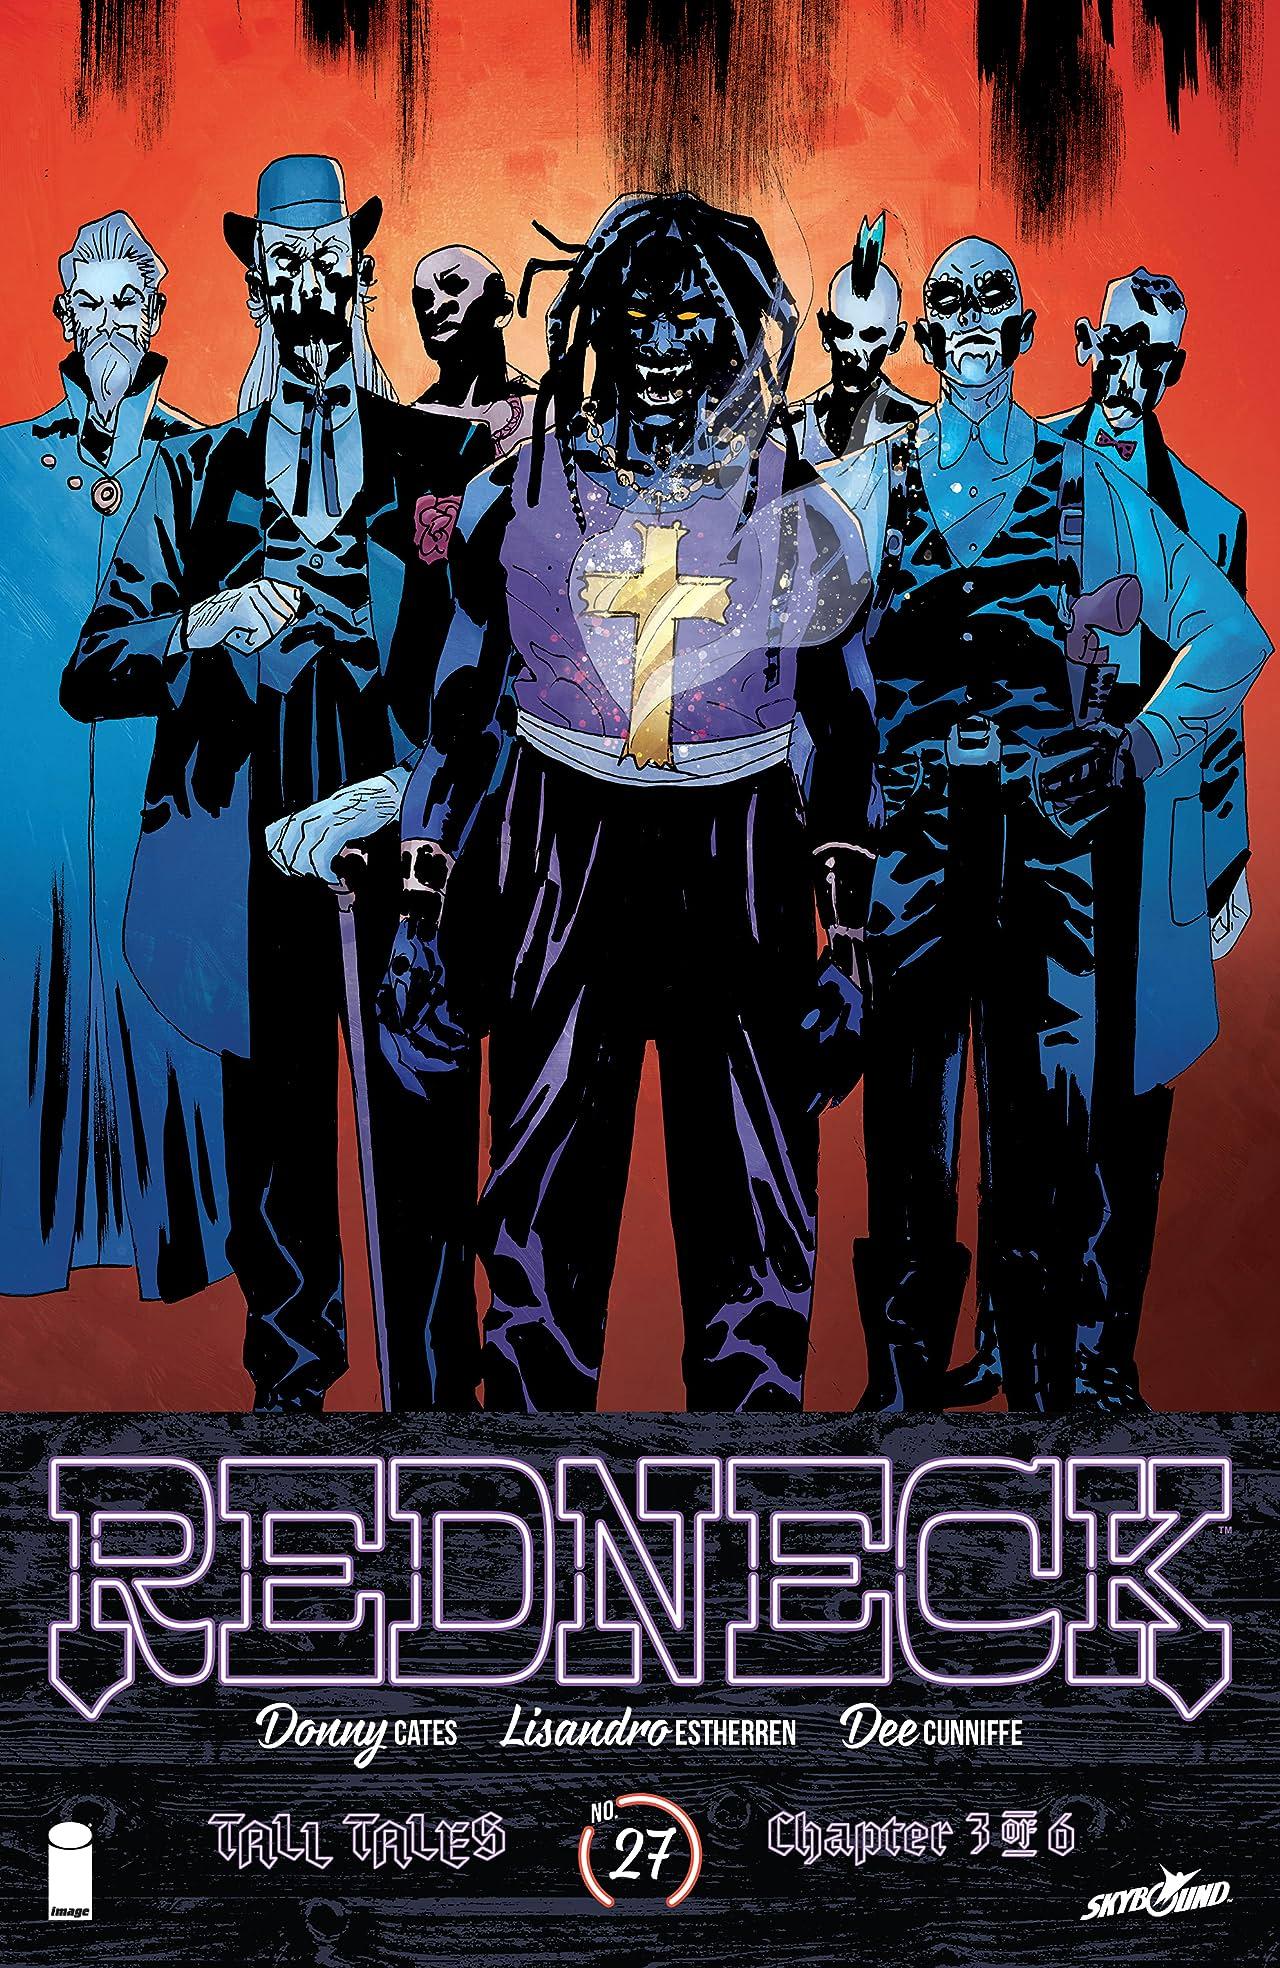 Redneck No.27